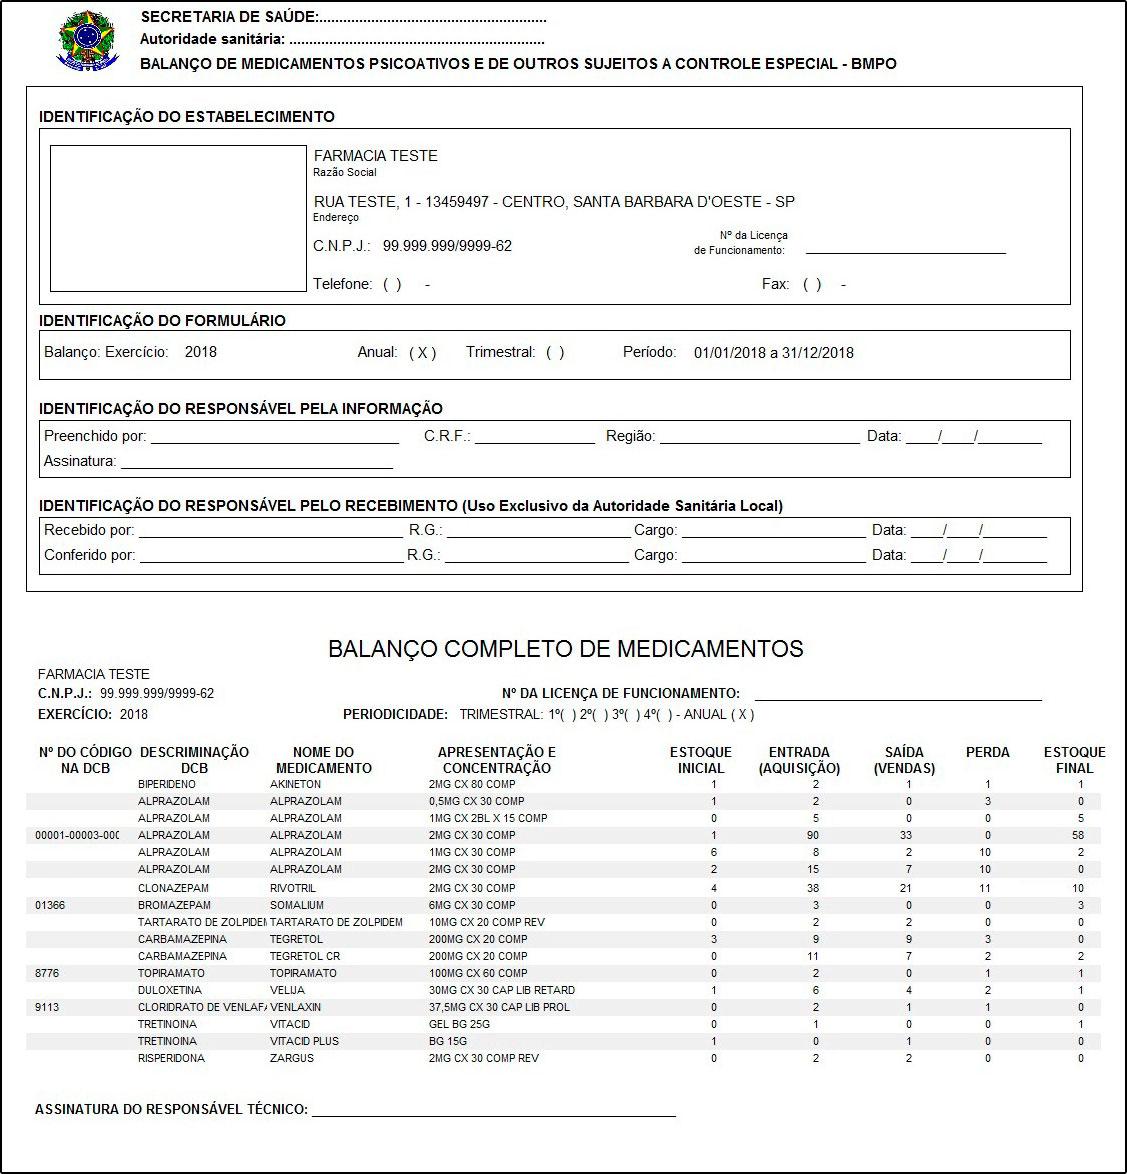 Relatório de Medicamentos Controlados BMPO 344 – FFS20 02